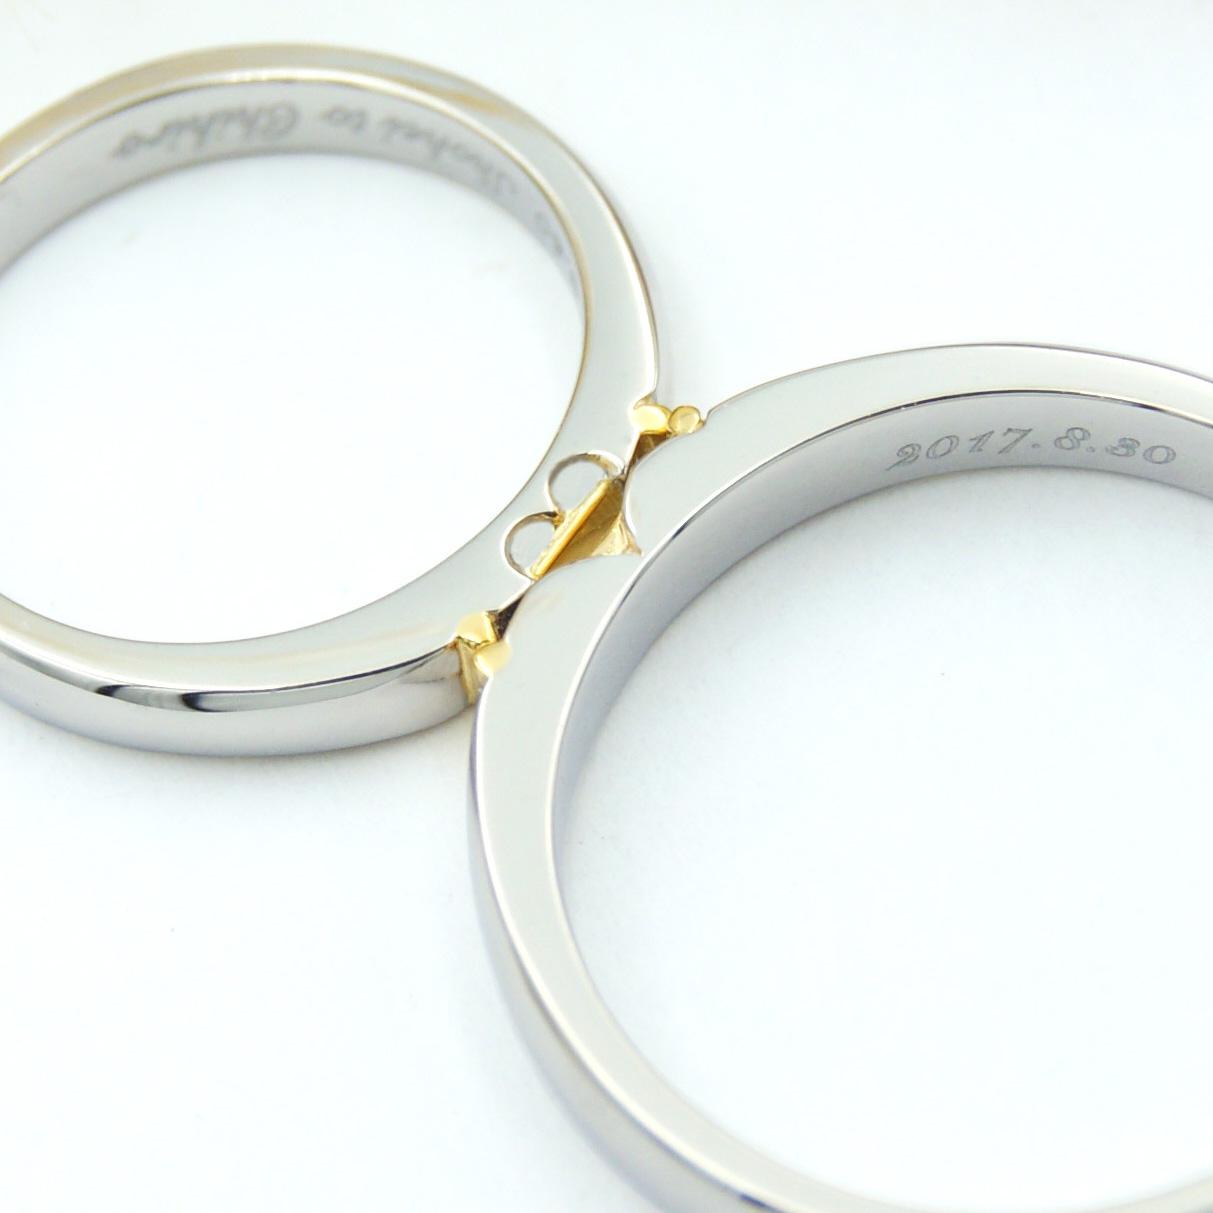 結婚指輪の側面にかわいいハートマーク